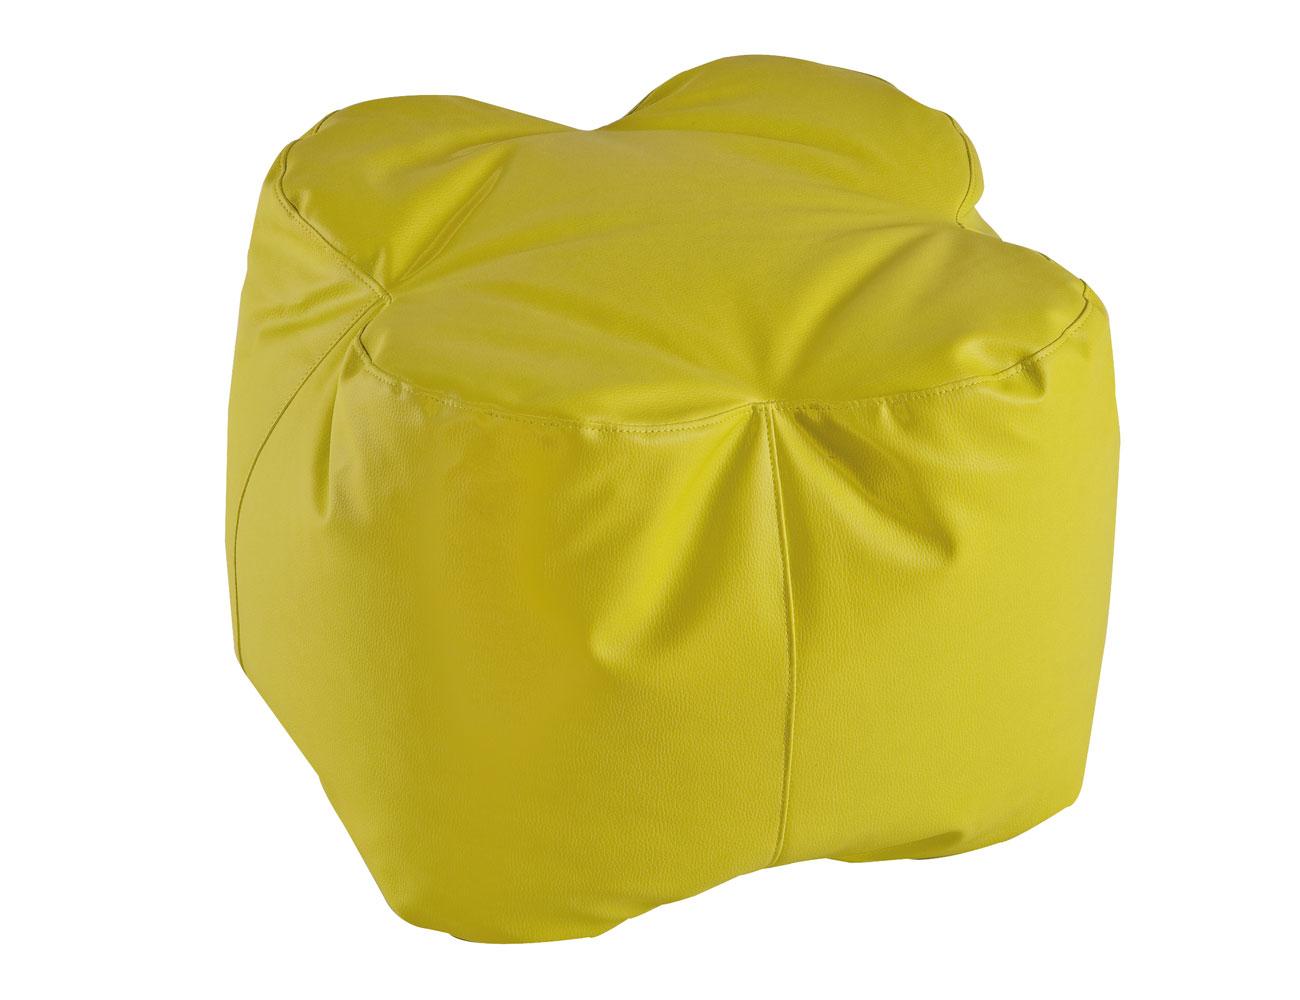 41 trebol amarillo